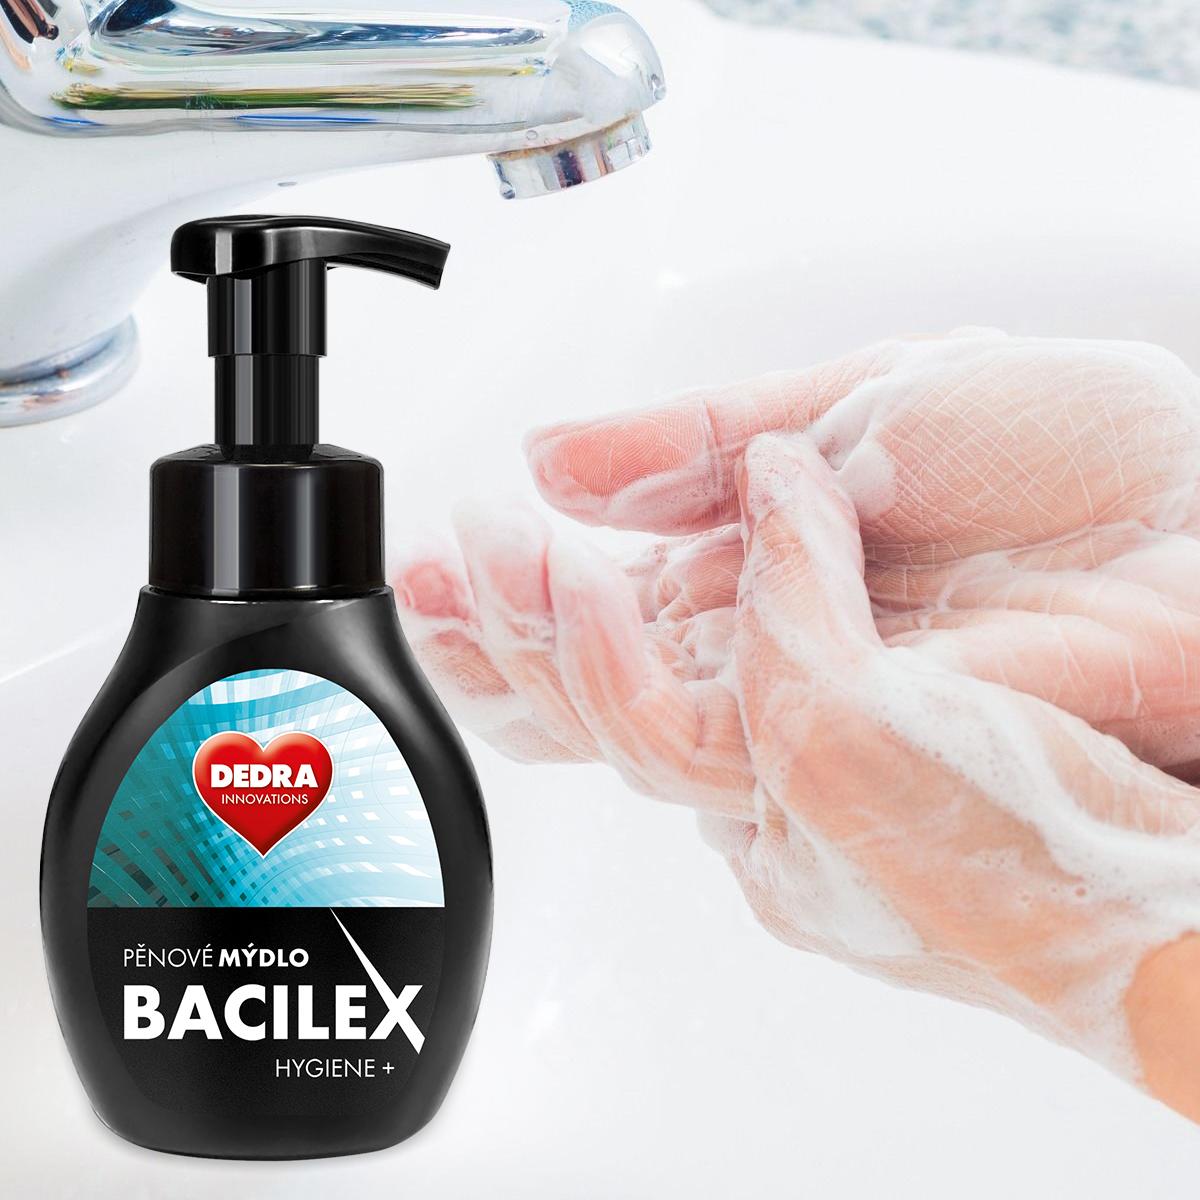 Pěnové mýdlo s antimikrobiální přísadou, 300 ml, BACILEX® HYGIENE+